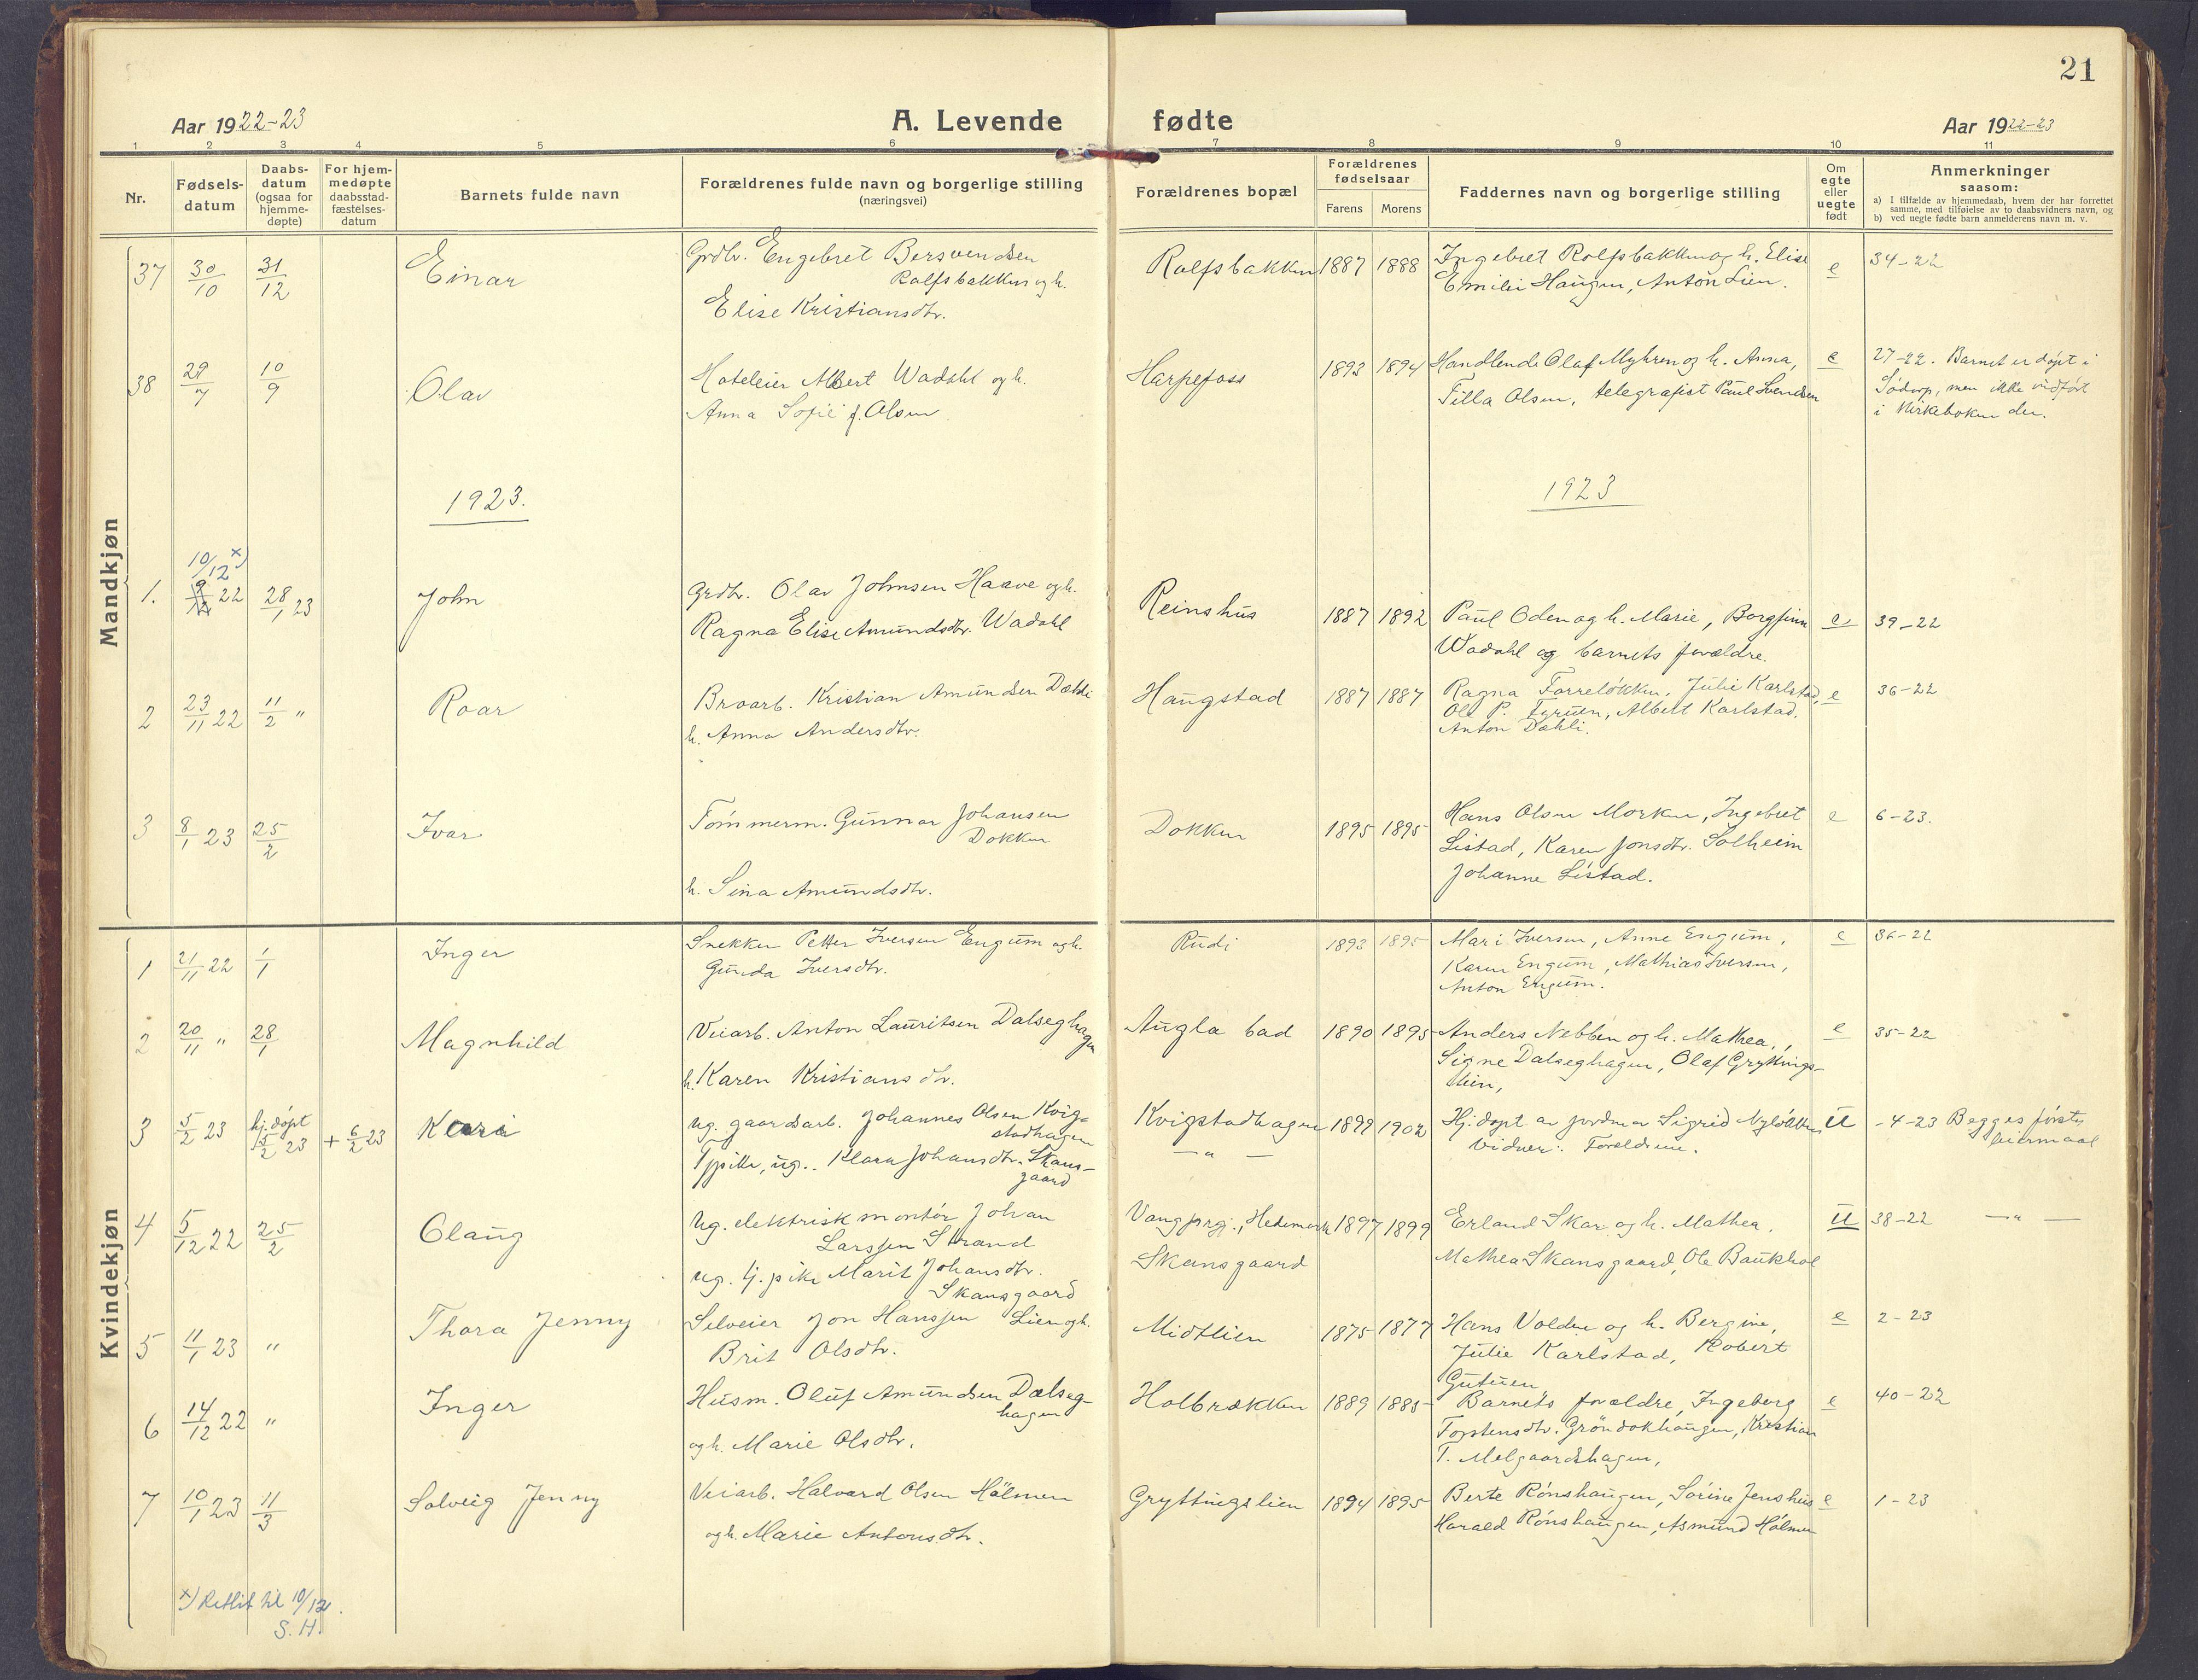 SAH, Sør-Fron prestekontor, H/Ha/Haa/L0005: Ministerialbok nr. 5, 1920-1933, s. 21